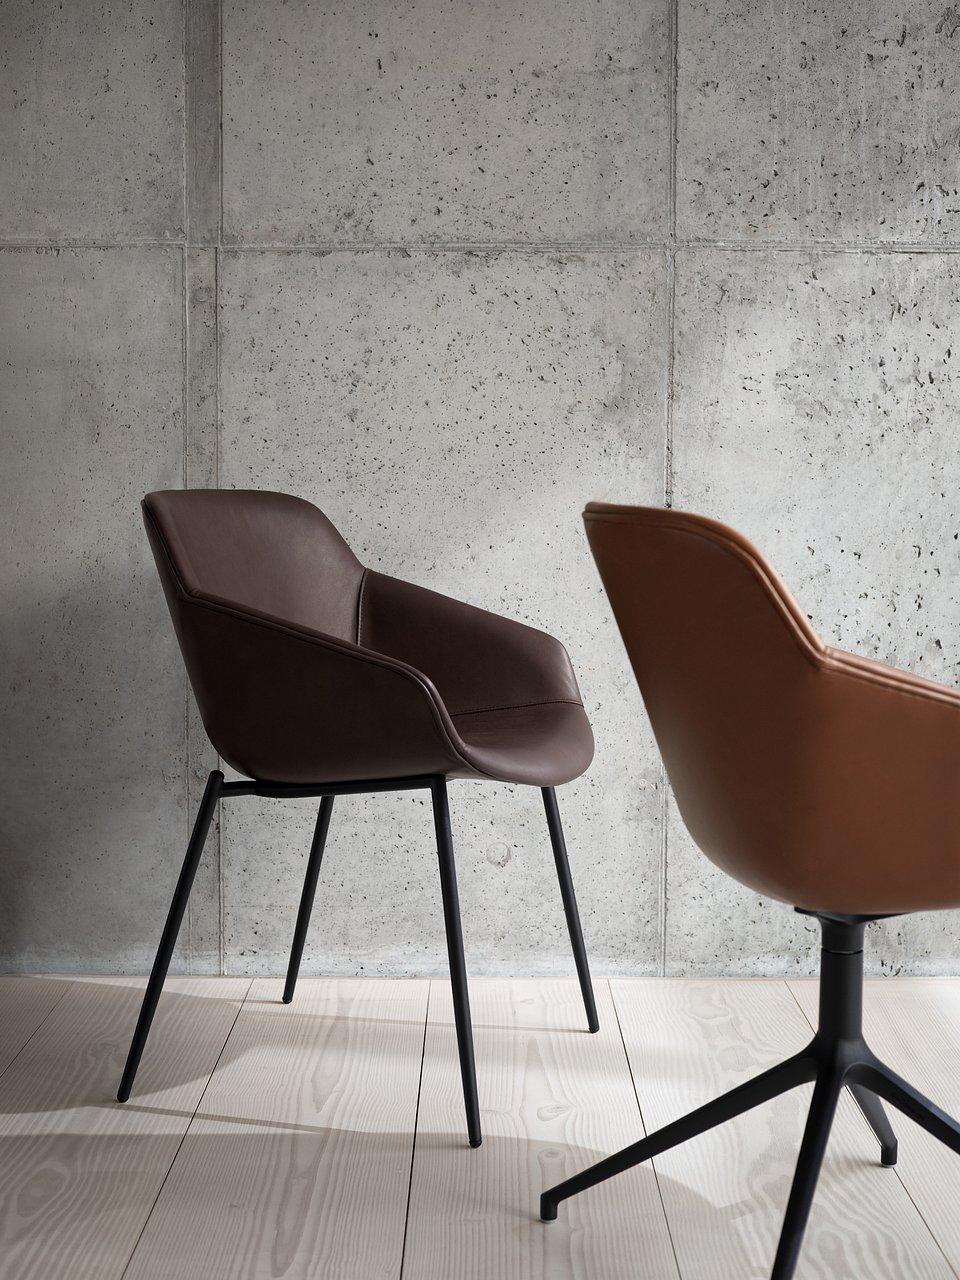 Krzesło Vienna, cena od 1.949,-<br>Krzesło Vienna na obrotowej nodze, cena od 2.419,-